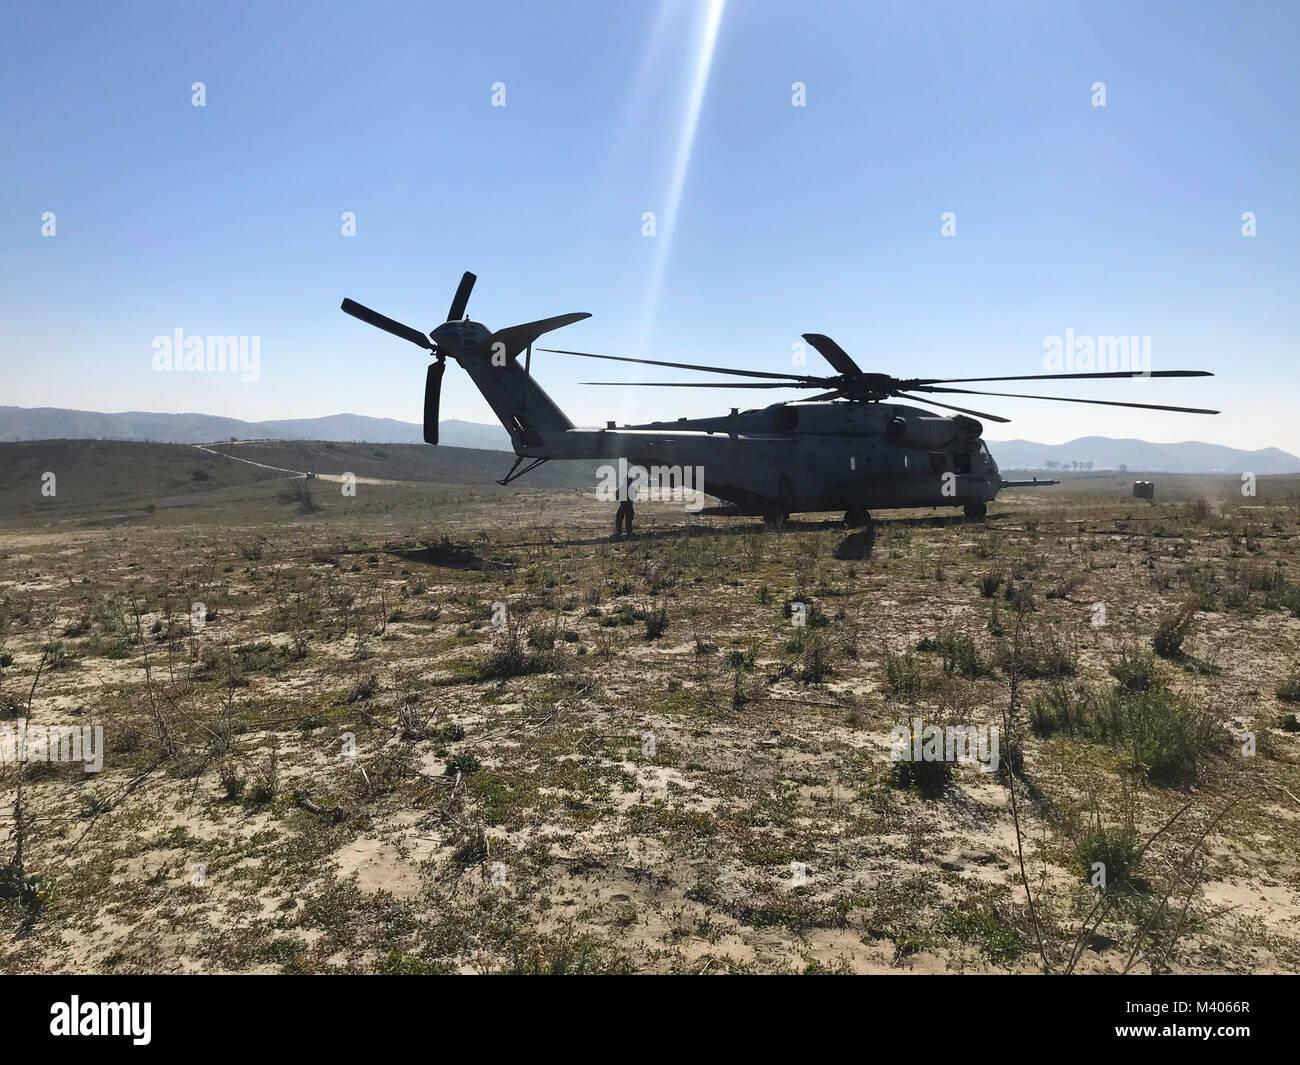 Le Sgt. Adam Collins, un CH-53E chef d'équipe, avec l'Escadron d'hélicoptères lourds Marine (HMH), 465 se prépare à charger le premier stick des cavaliers au cours des opérations de vol et de parachutistes du 1er Bataillon de reconnaissance maritime au Marine Corps Base Camp Pendleton, en Californie, 6 février. Au cours de parachute et les opérations de saut, les combats au sol et l'élément élément de combat de l'aviation travaillent ensemble pour assurer la sécurité et l'exécution des missions au cours de la formation. (U.S. Marine Corps photo par le Sgt. David Bickel/libérés) Banque D'Images